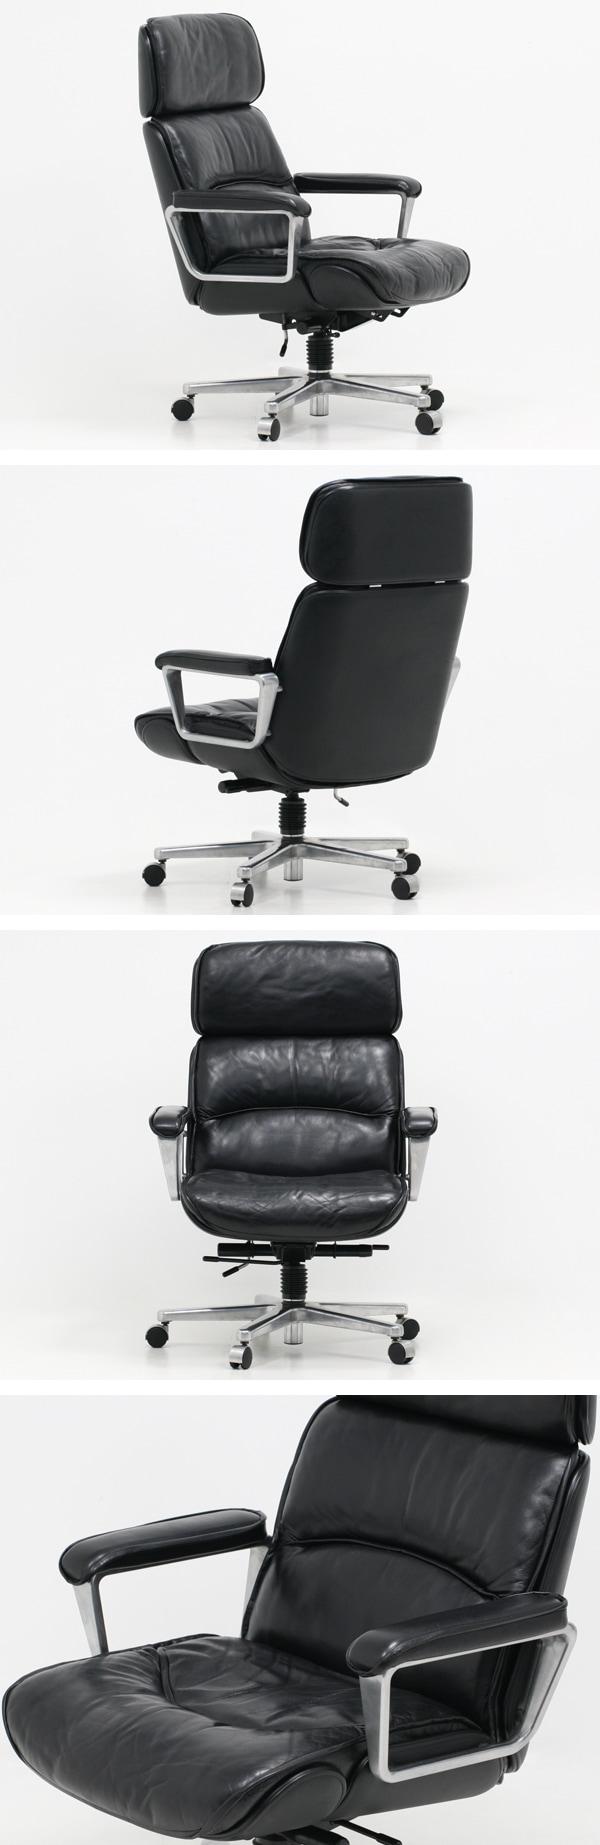 KOKUYO,コクヨ,マネージメントチェア,130シリーズ,中古,本革,ハイバック,オフィスチェア